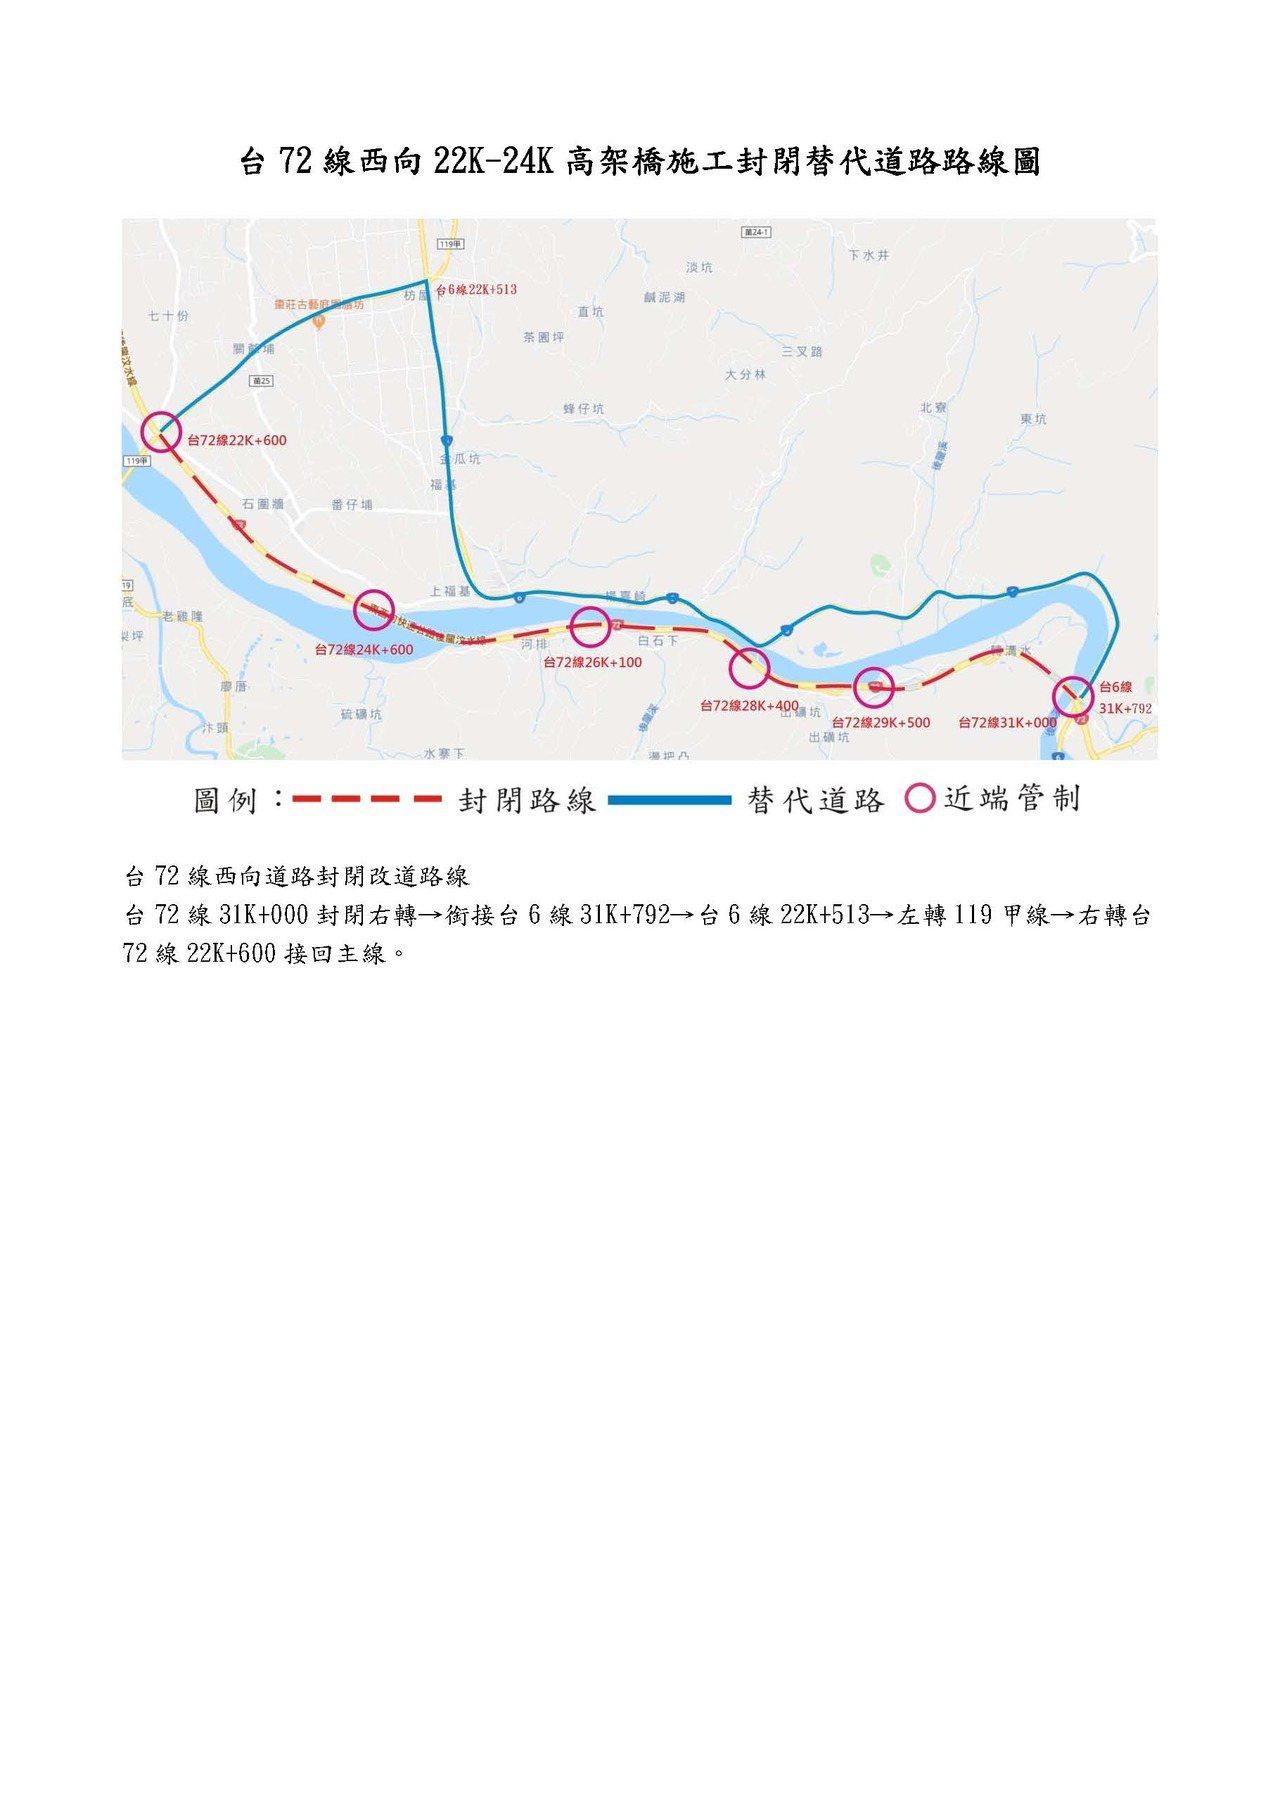 交通部公路總局苗栗工務段台72線工程,11月21日、22日上午9點至下午4點封閉...